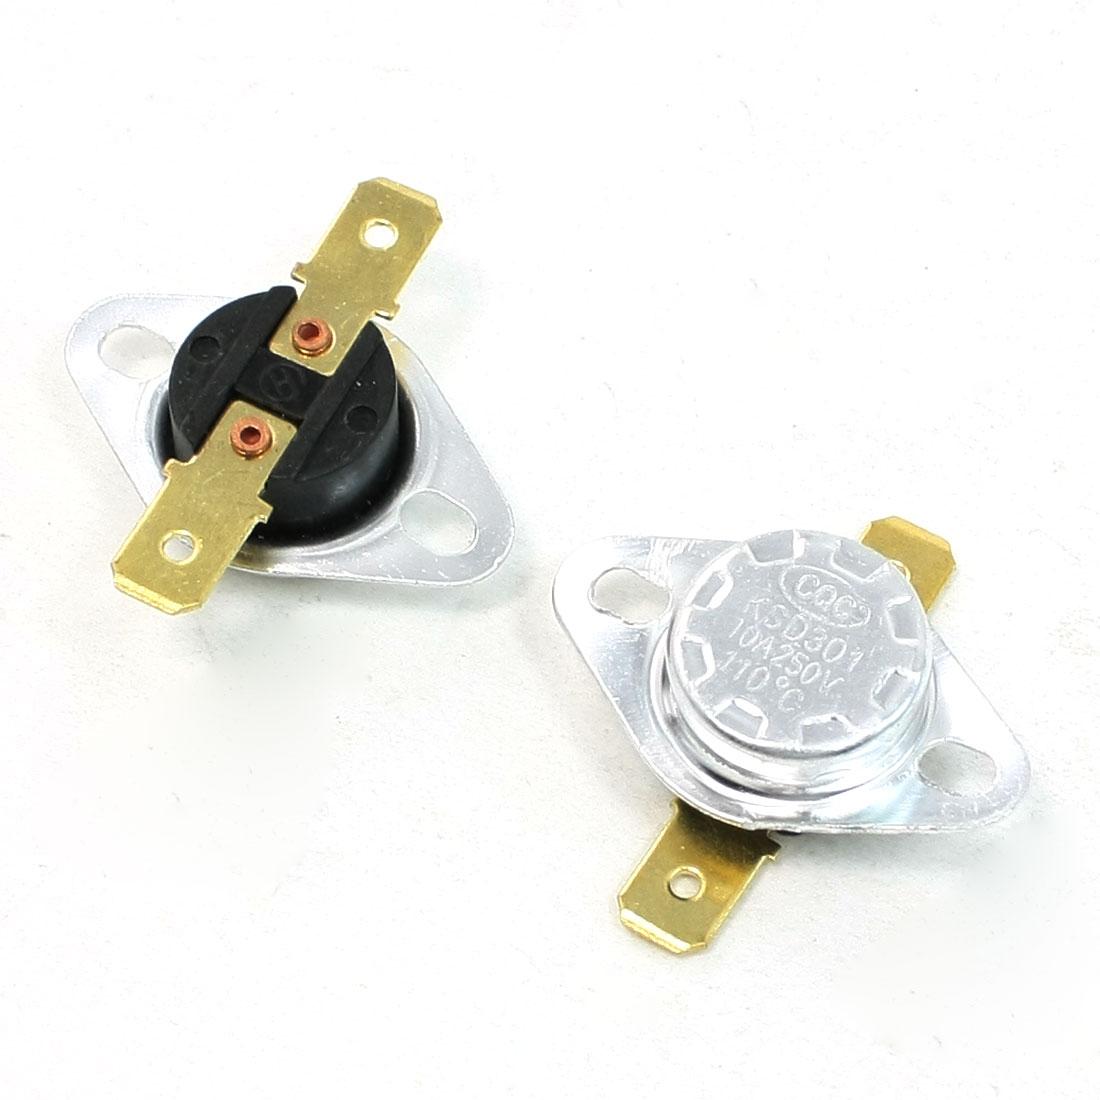 2 Pcs 110C 250V 10A NC Temperature Controlled Plastic Switch KSD301